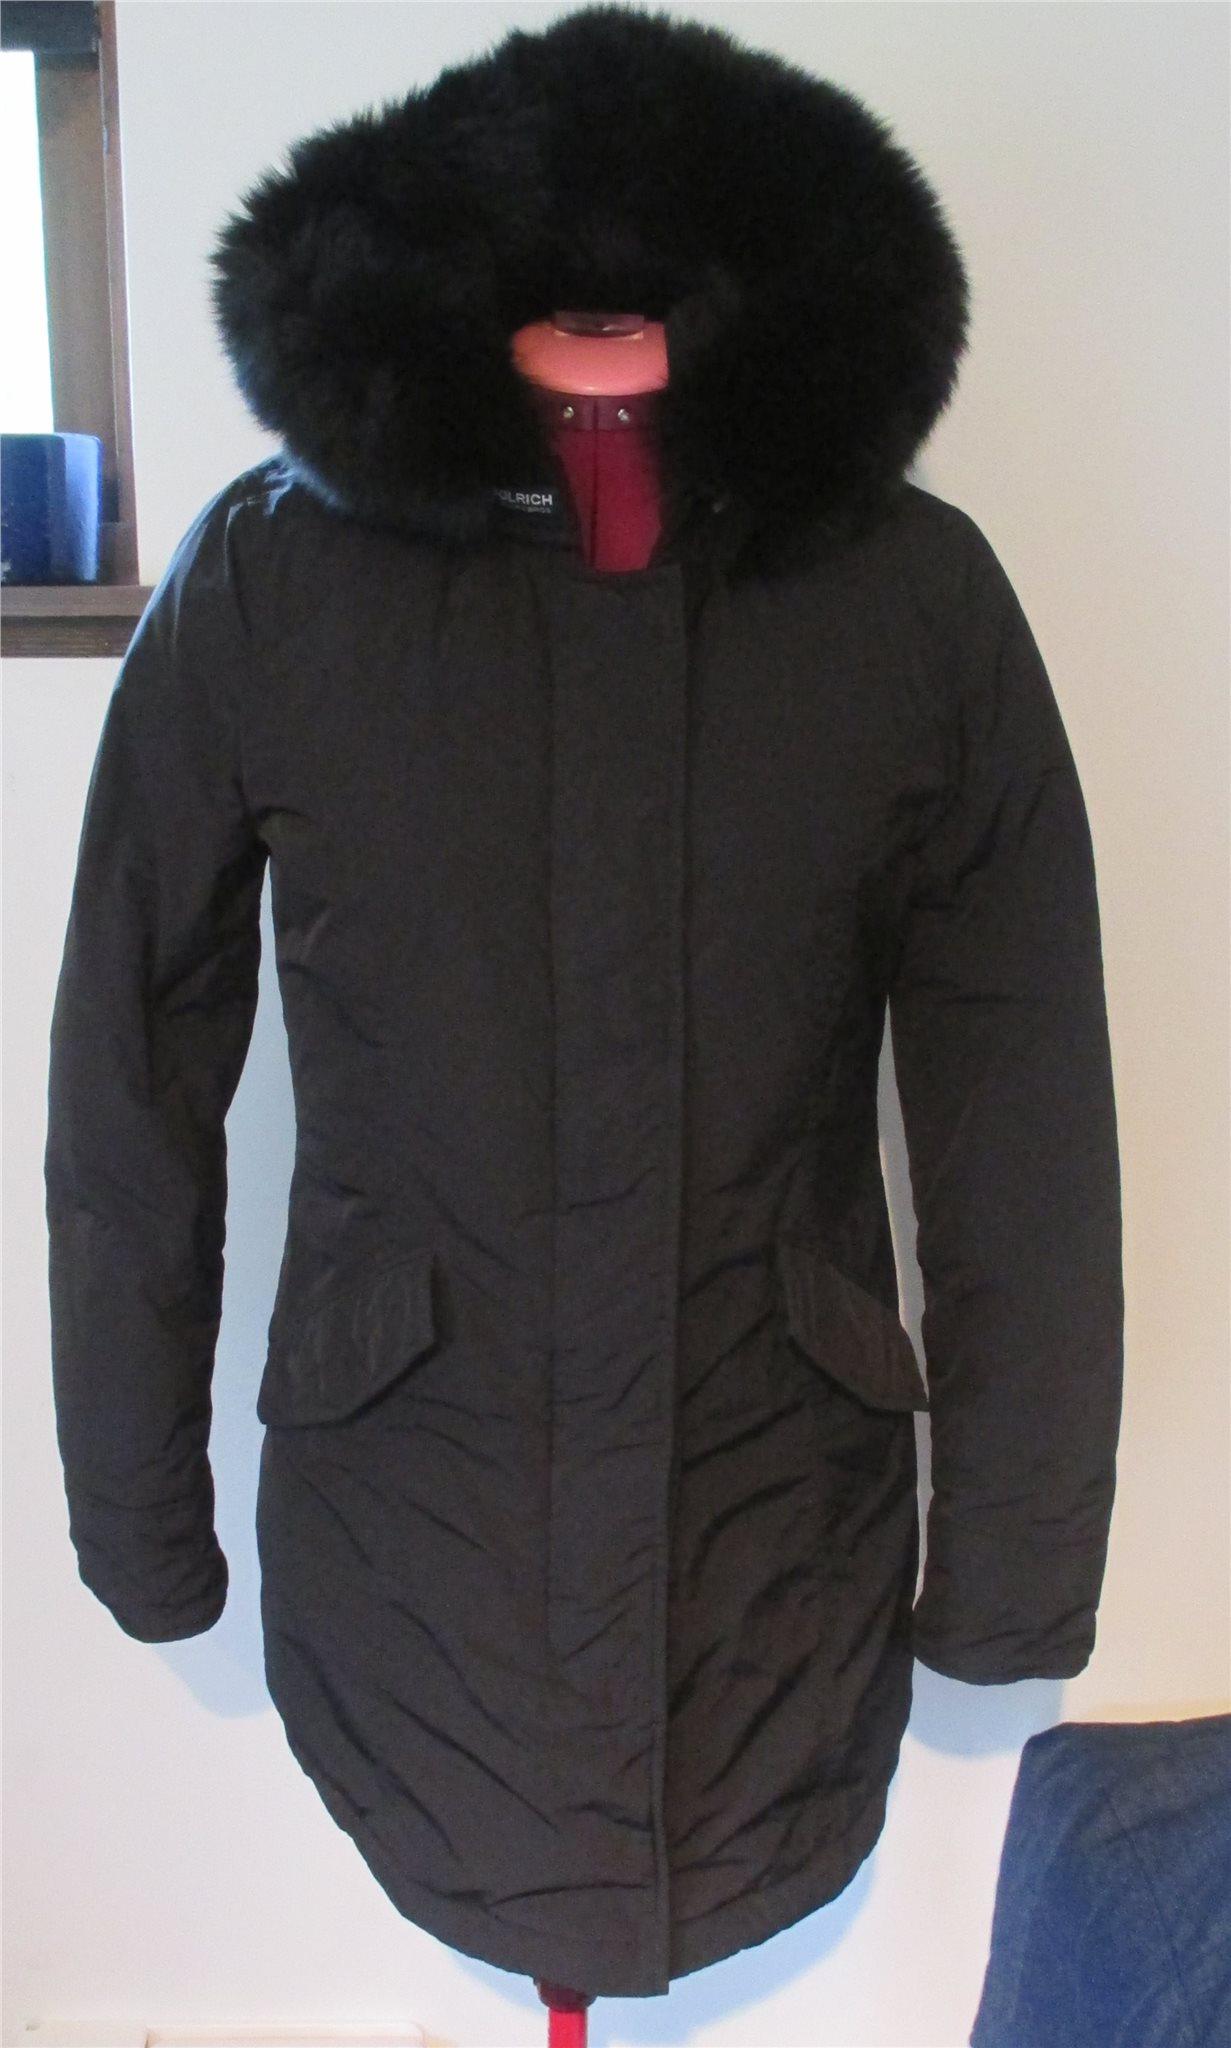 Black Woolrich Woolrich Parka Luxury Luxury qr01YY5xwI ff7a2c676dc